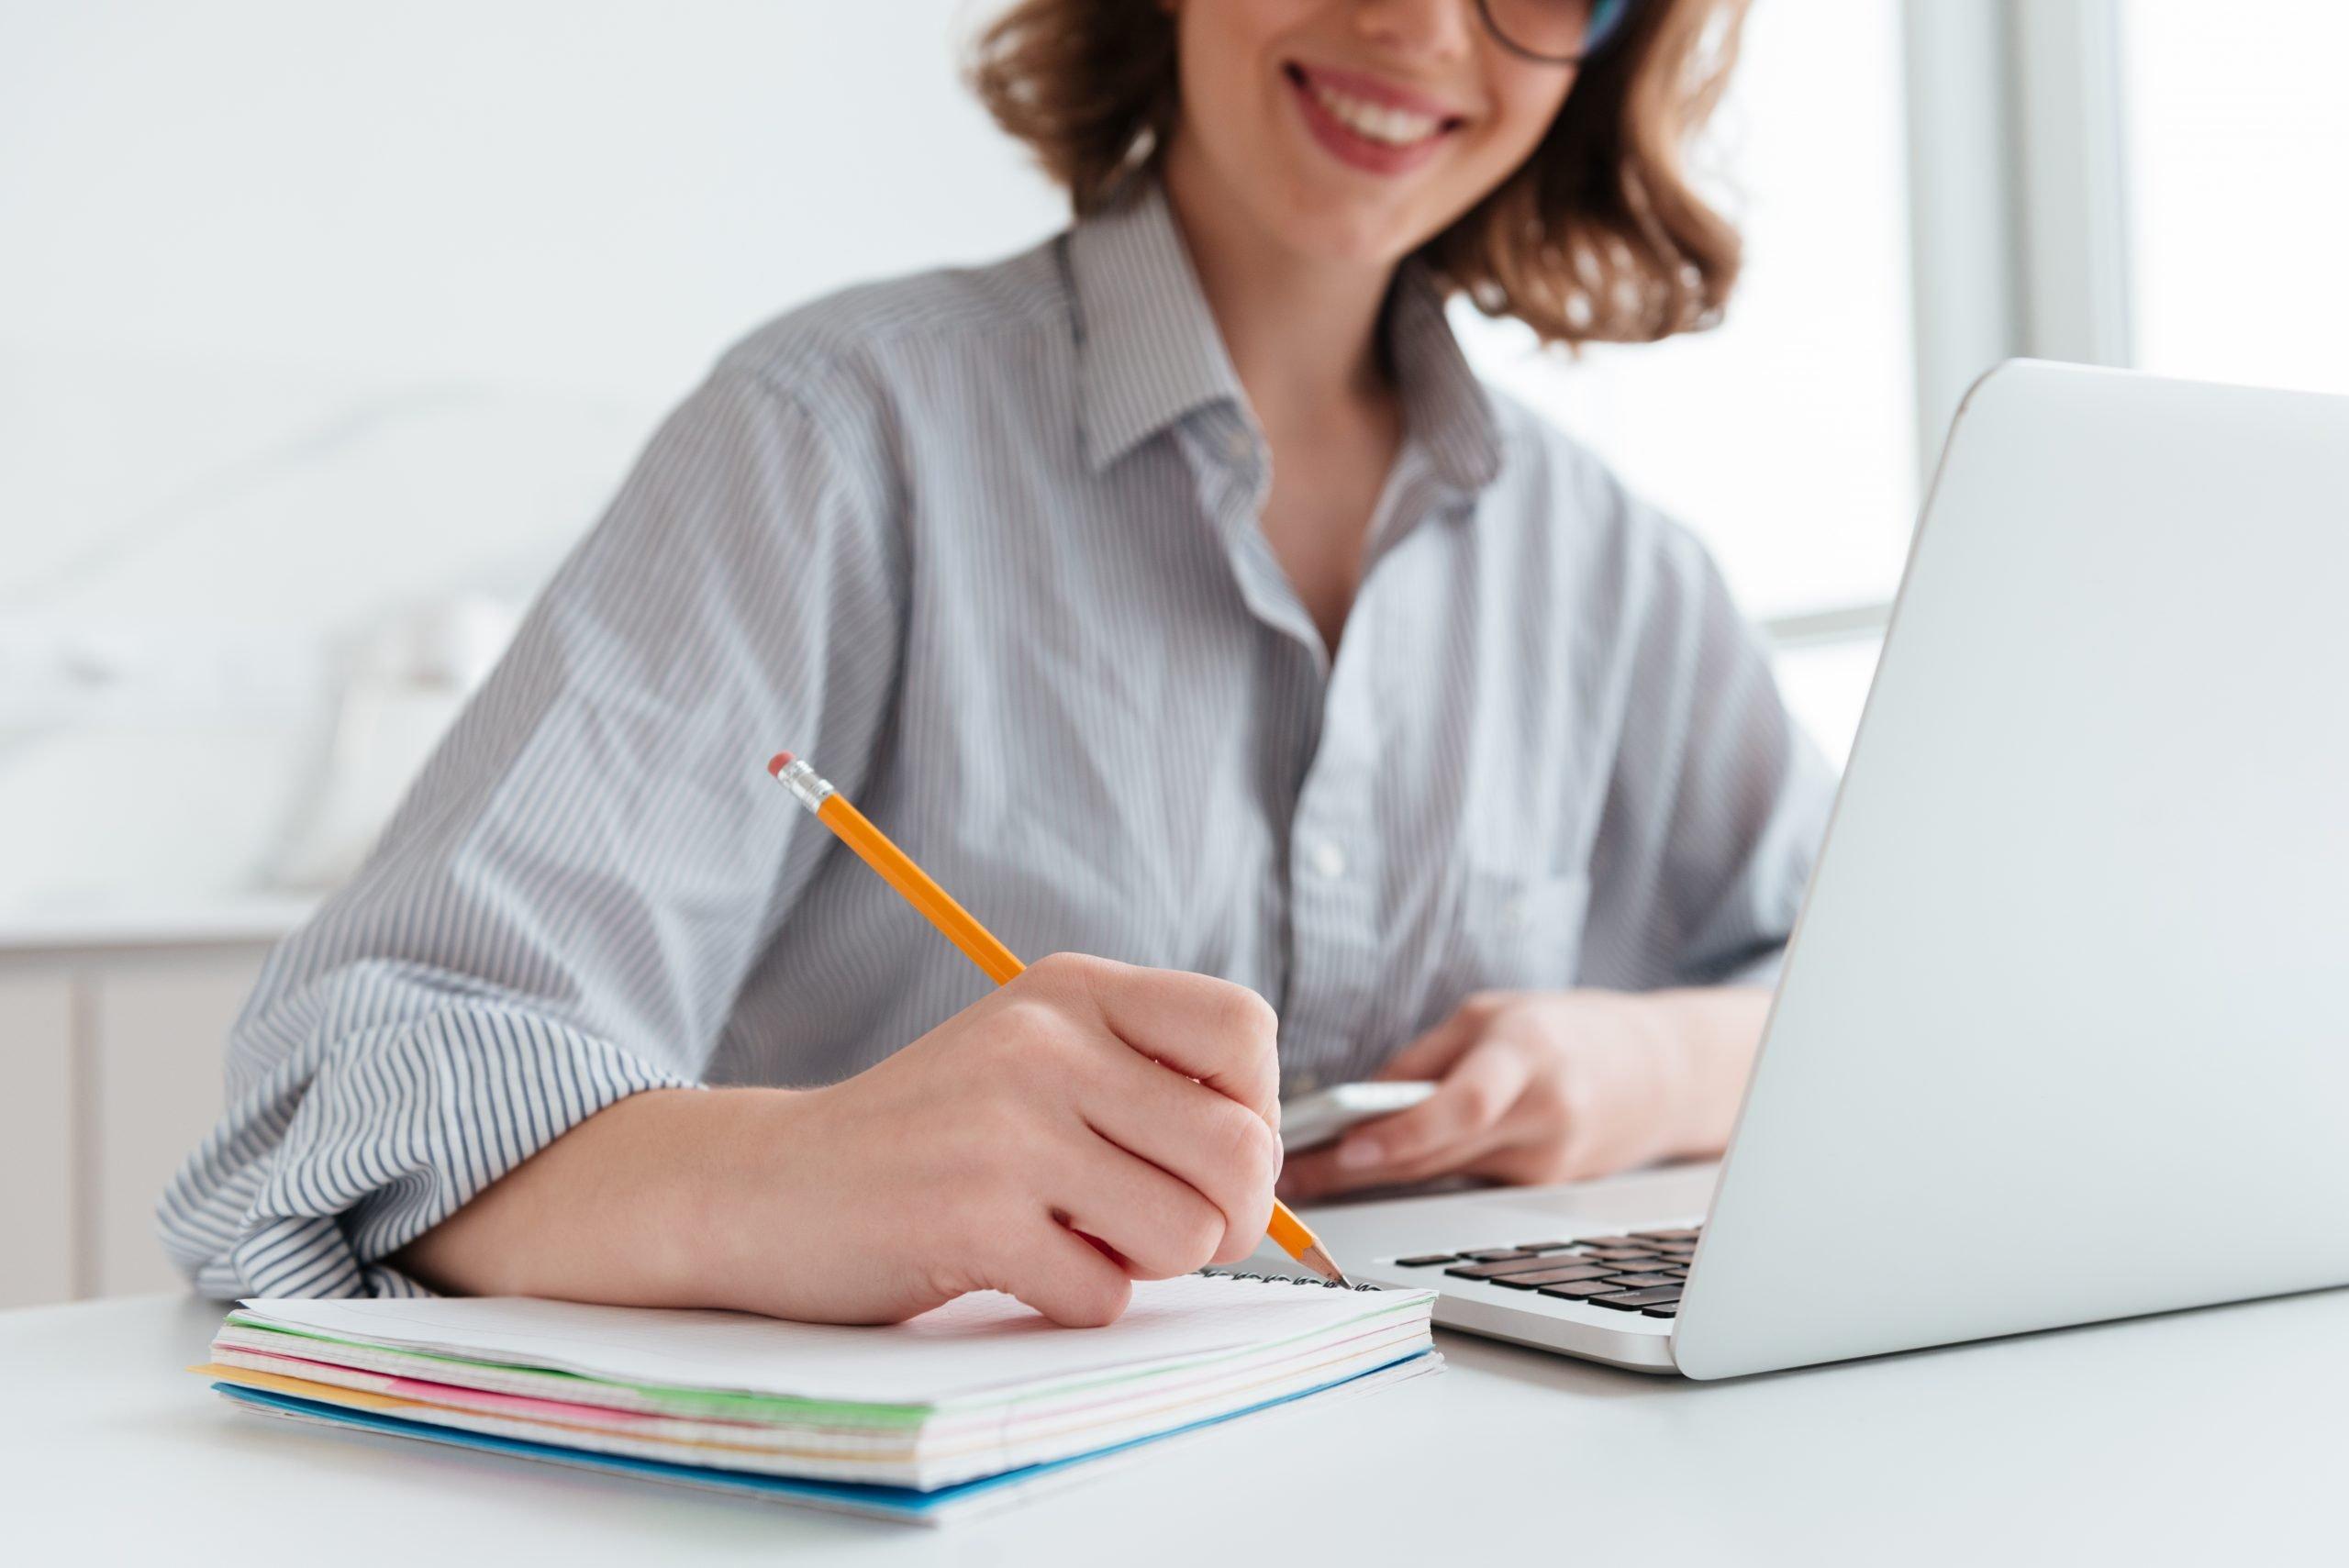 gestoría online covid-19